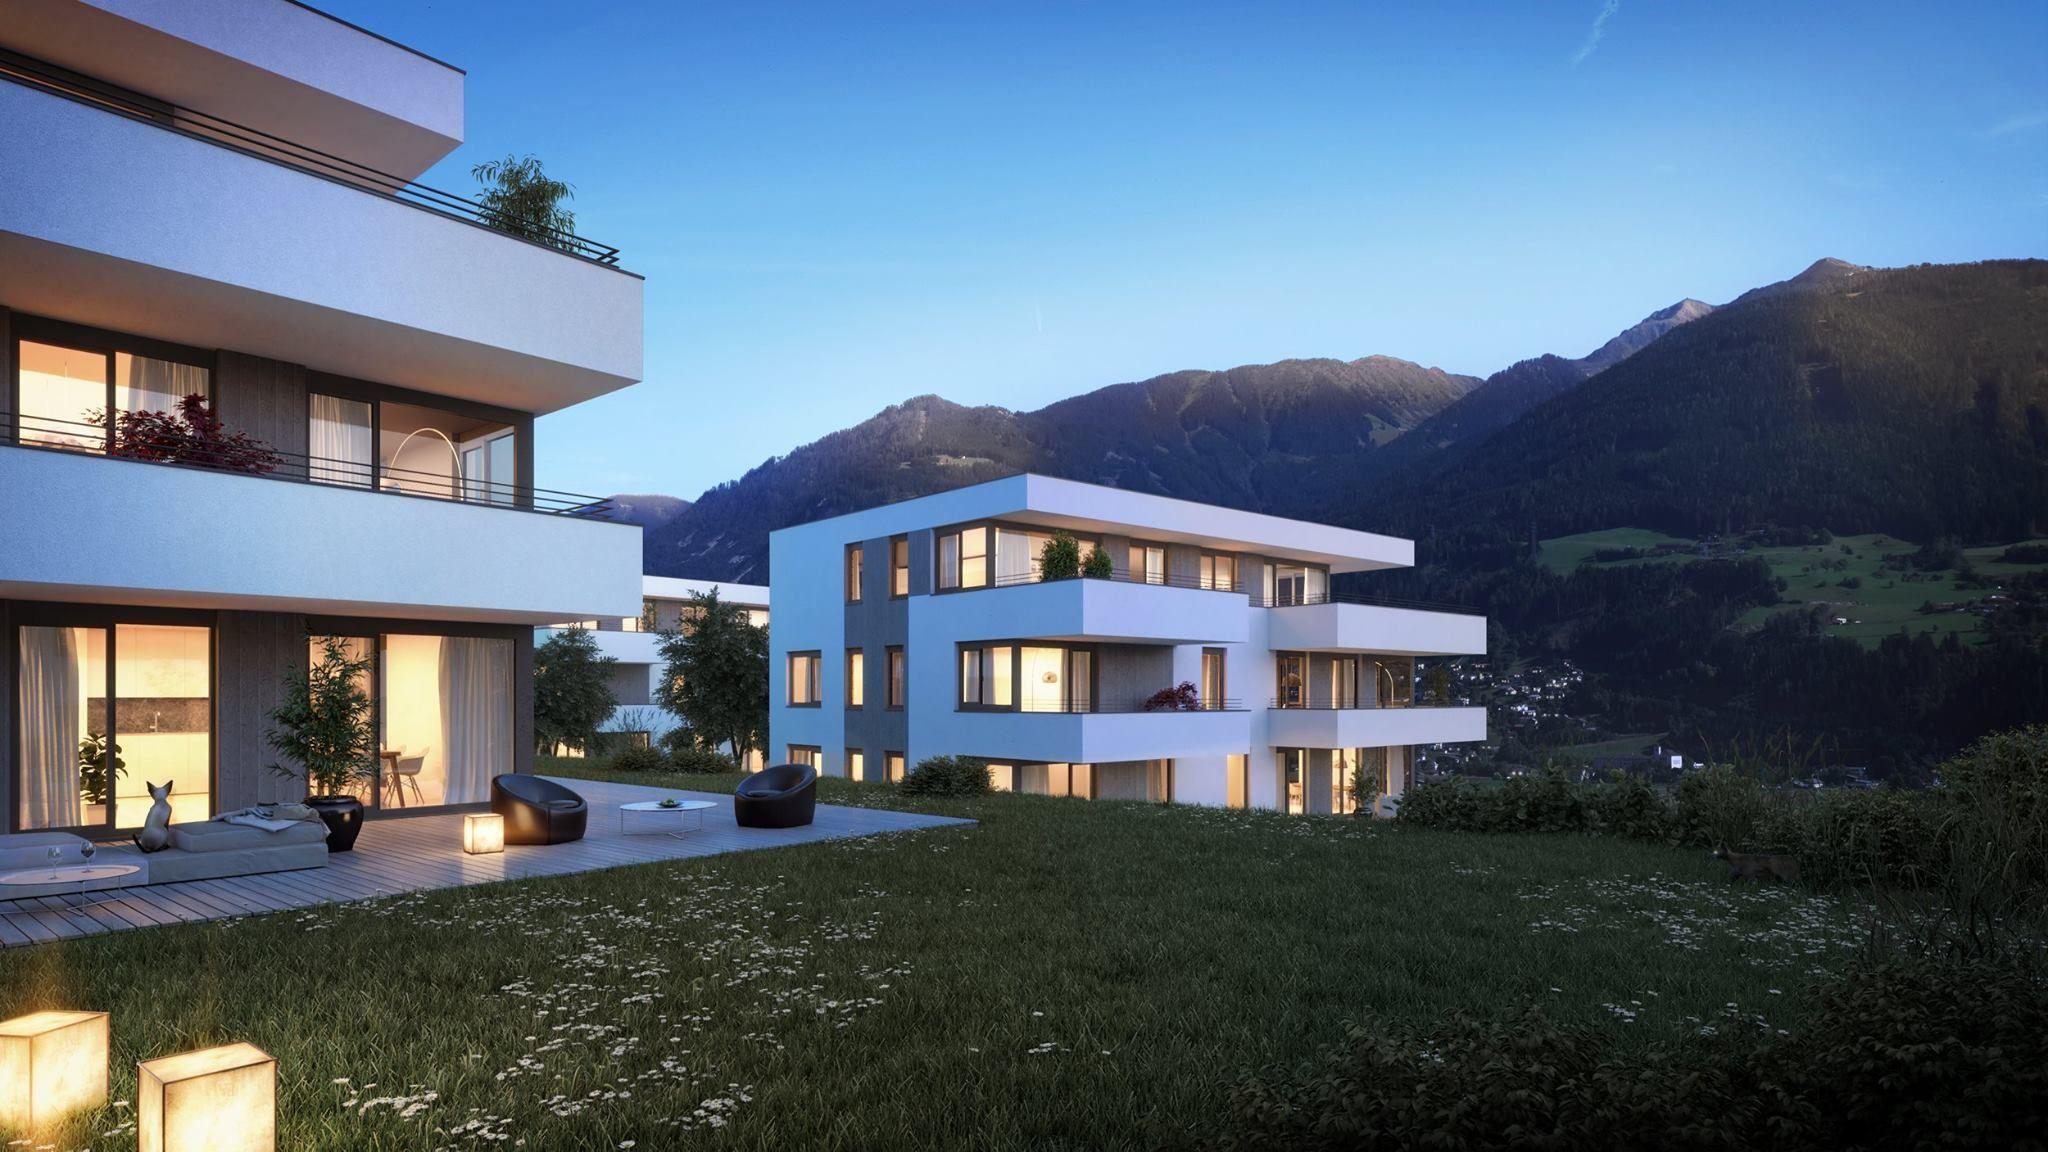 Schwebeliege Hangeliege Altalena Singola Farbe Eiche Natur Geolt Schwebeliege Sauna Fur Zuhause Gartenmobel Design